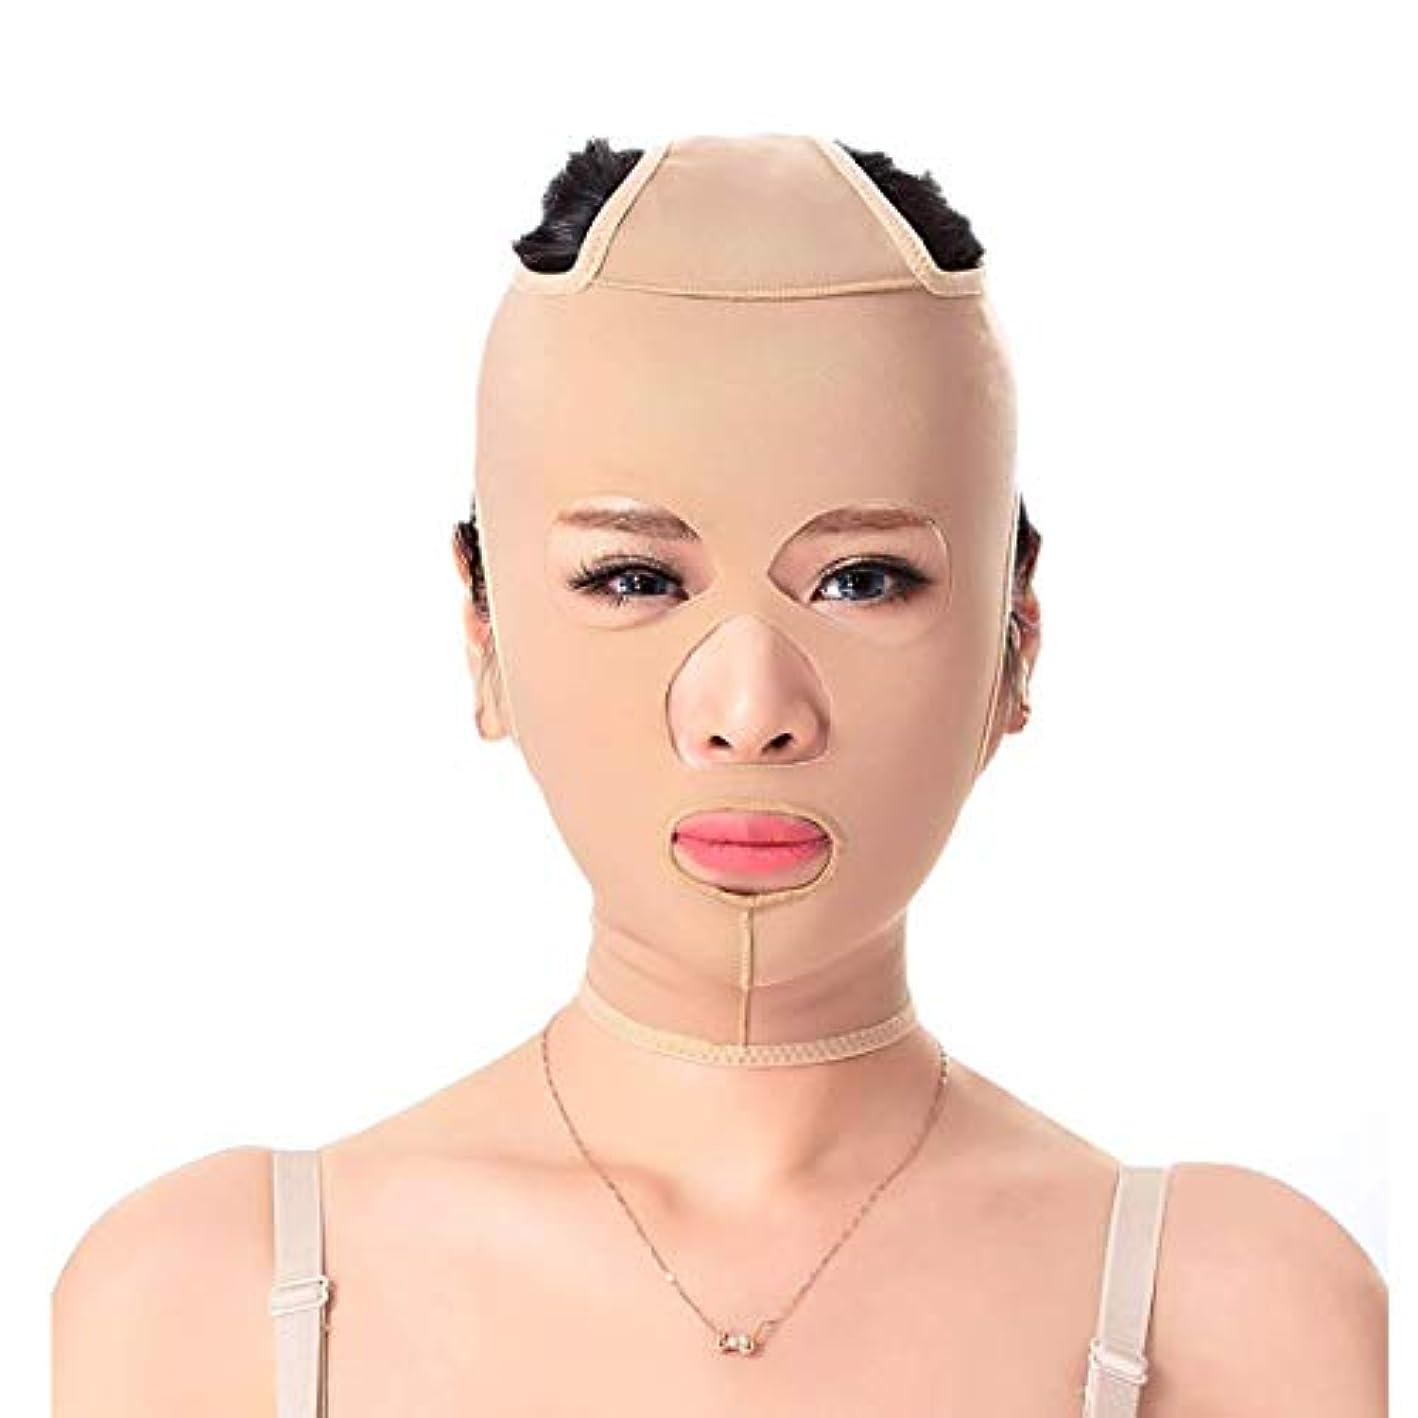 よろしく乙女もつれスリミングベルト、二重あごの引き締め顔面プラスチック顔アーティファクト強力な顔の包帯を脇に持ち上げるパターンを欺くためのフェイシャルマスク薄いフェイスマスク(サイズ:XXL),M